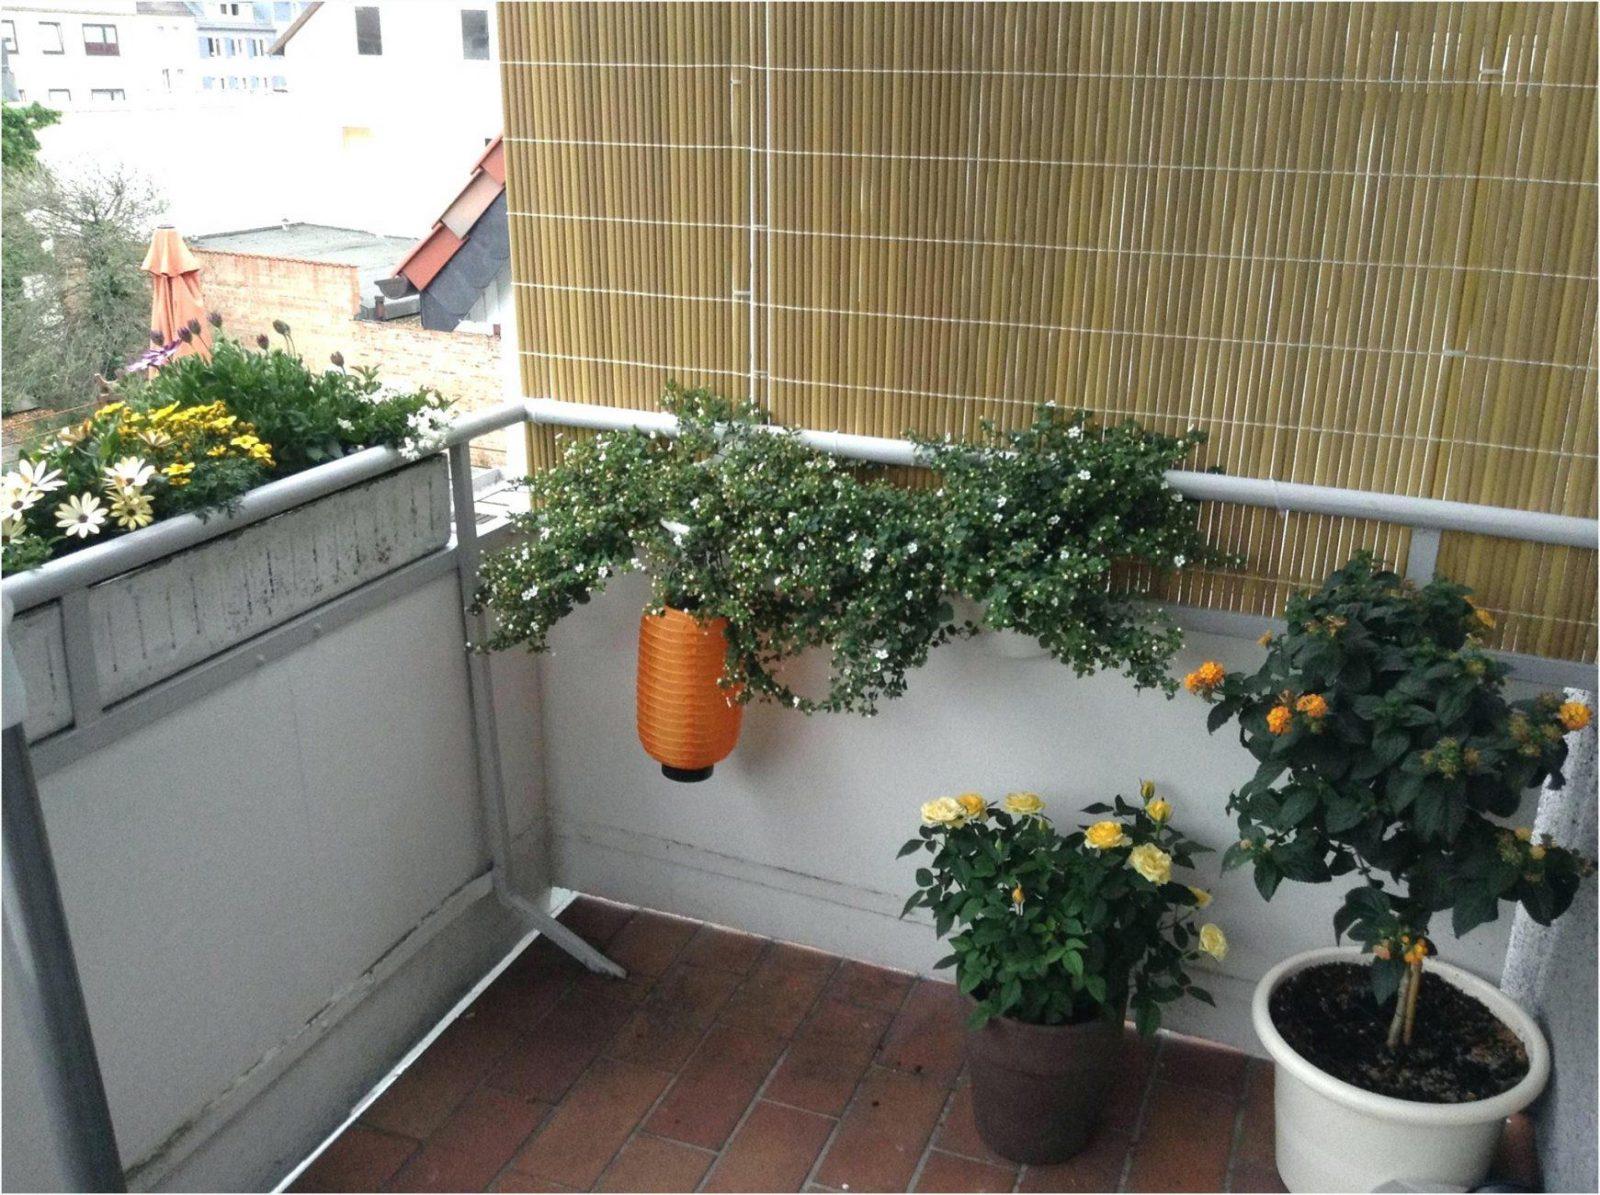 balkon sichtschutz selber machen haus design ideen. Black Bedroom Furniture Sets. Home Design Ideas